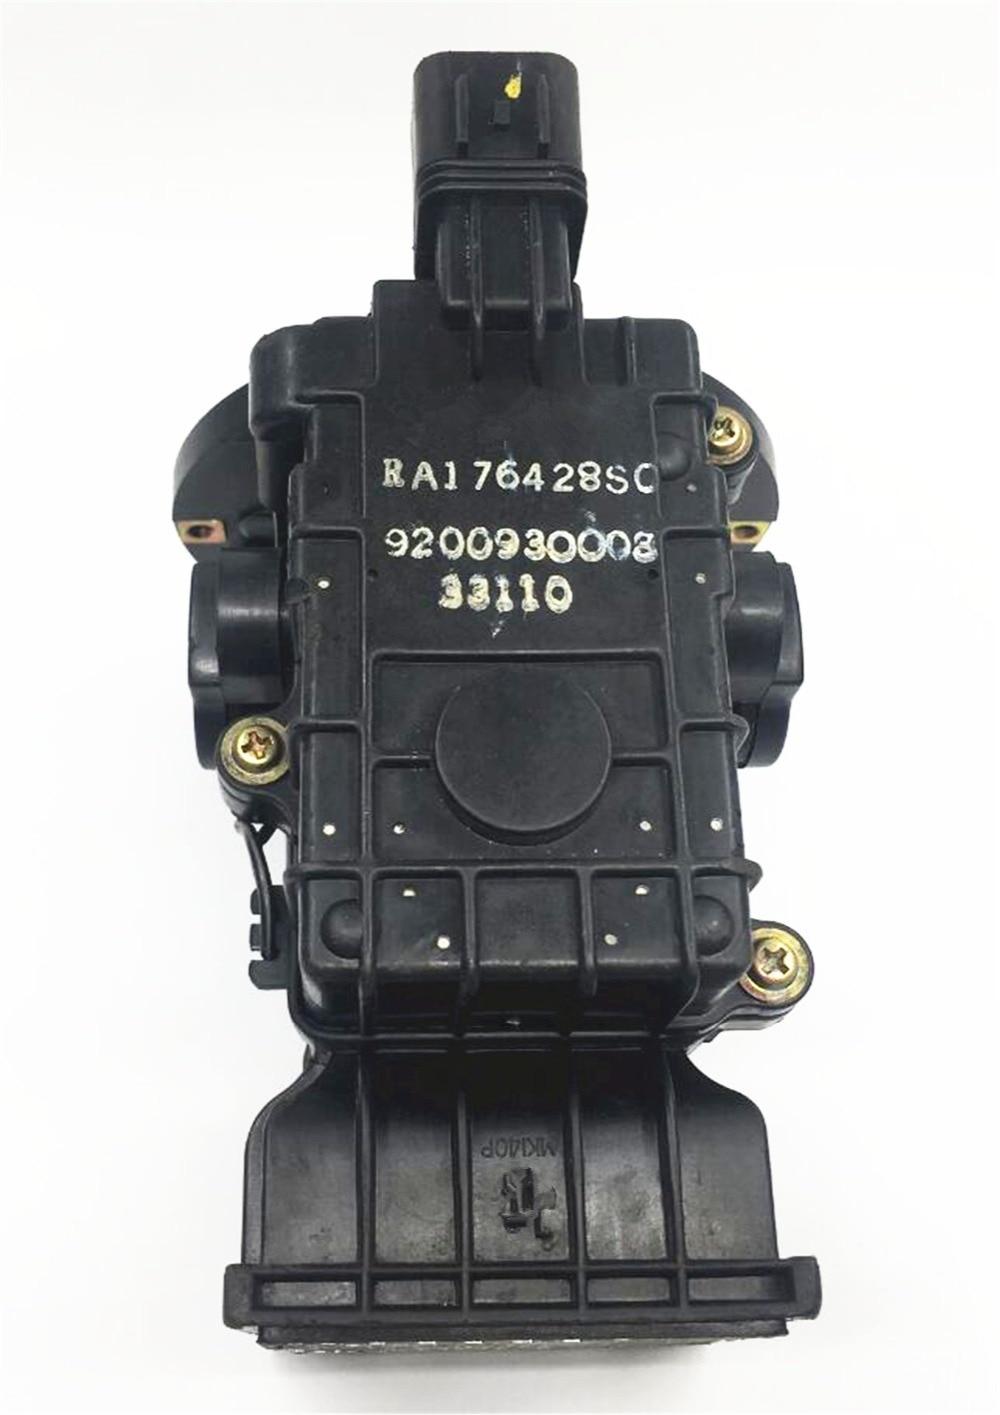 Orijinal hava axını sayğacları hava axını sensörləri MD118126 E5T01471 Mitsubishi Sports Car GT2000 E33 üçün uyğundur